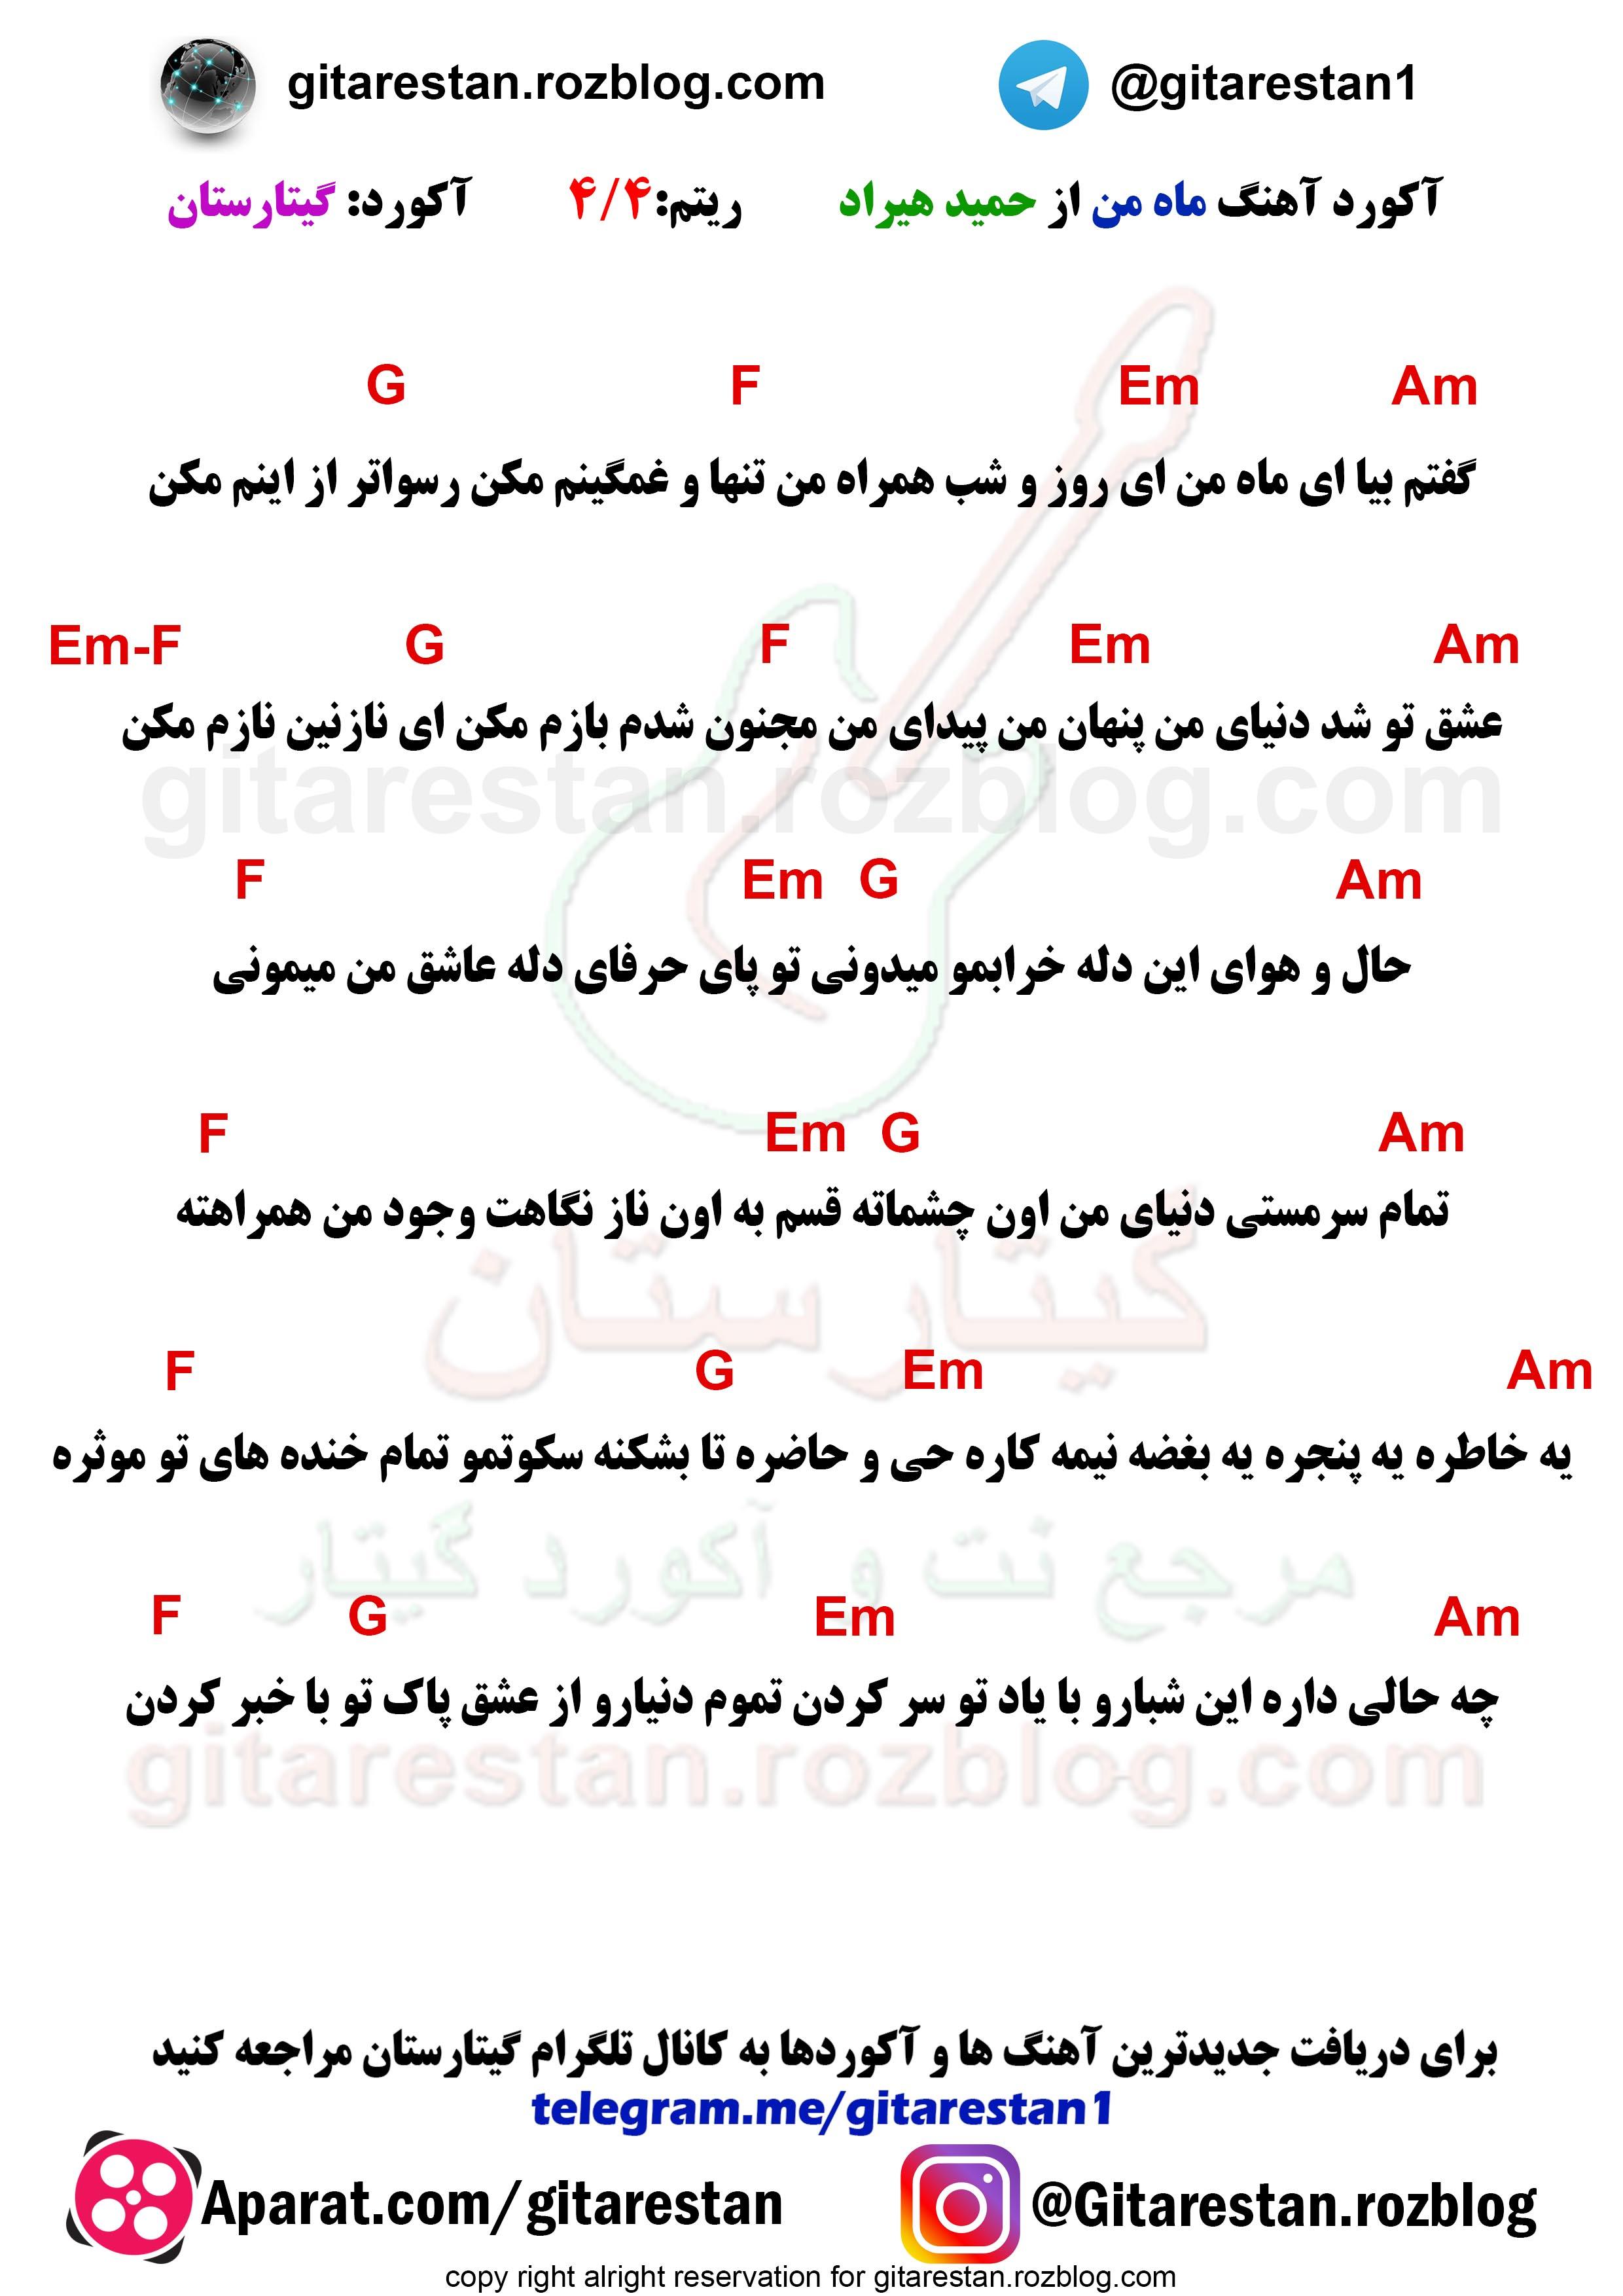 آکورد آهنگ ماه من از حمید هیراد-گیتارستان